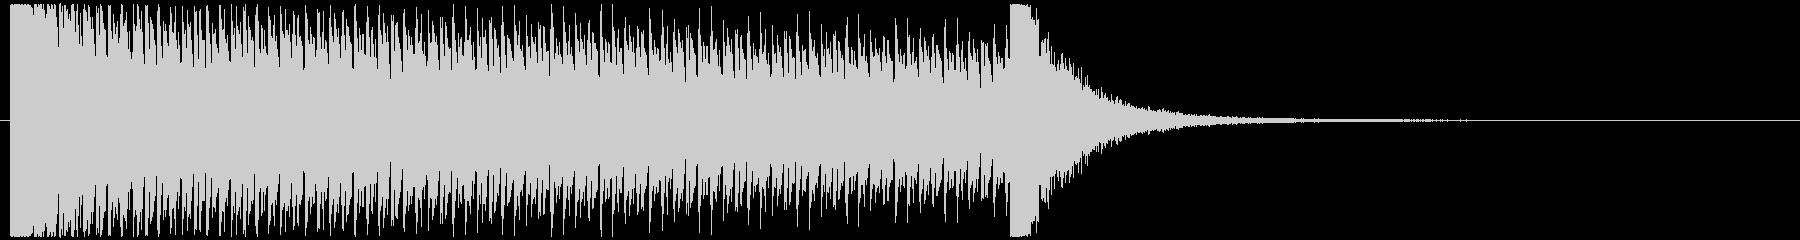 10秒ドラムロールの未再生の波形